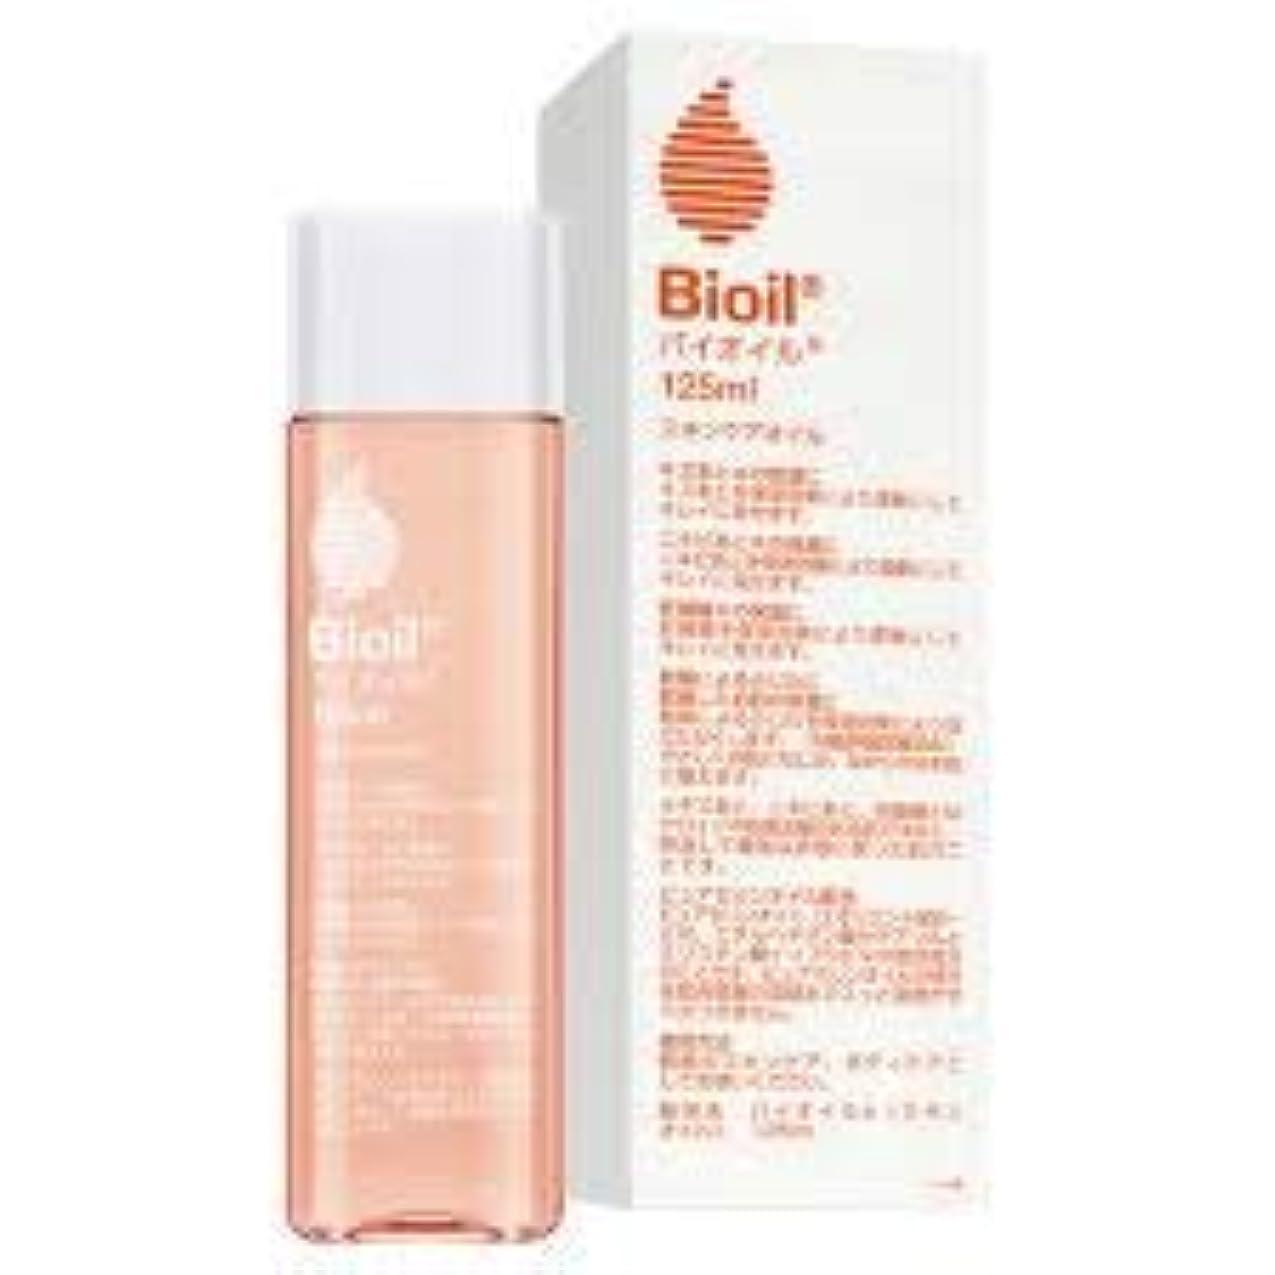 資料ミシン旅行バイオイル Bioil 125ml (小林製薬)